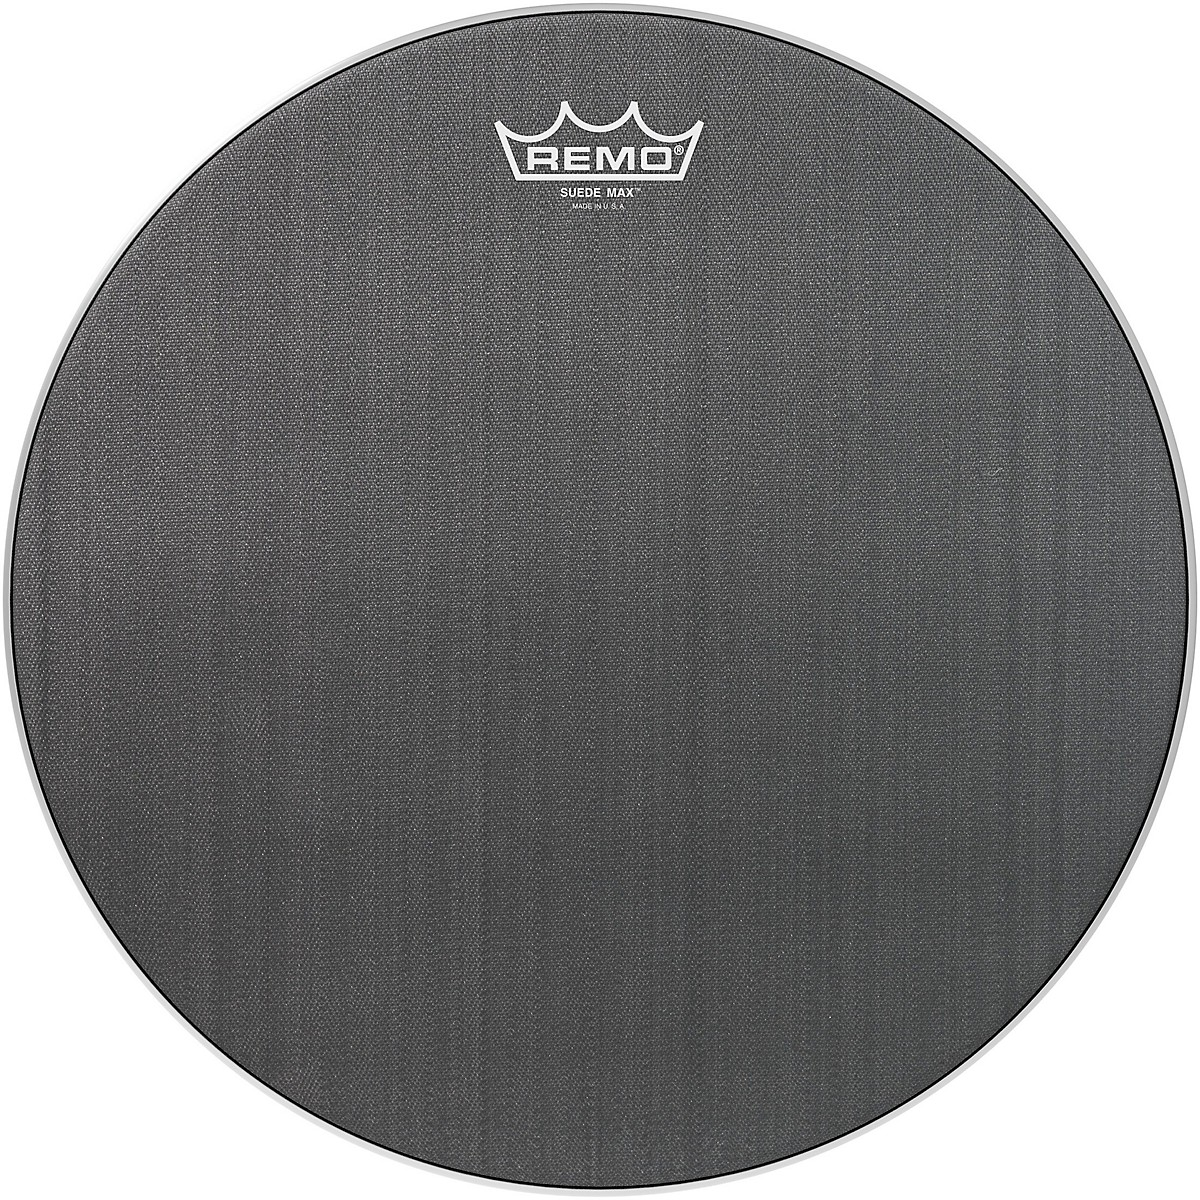 Remo Suede Max Drum Head